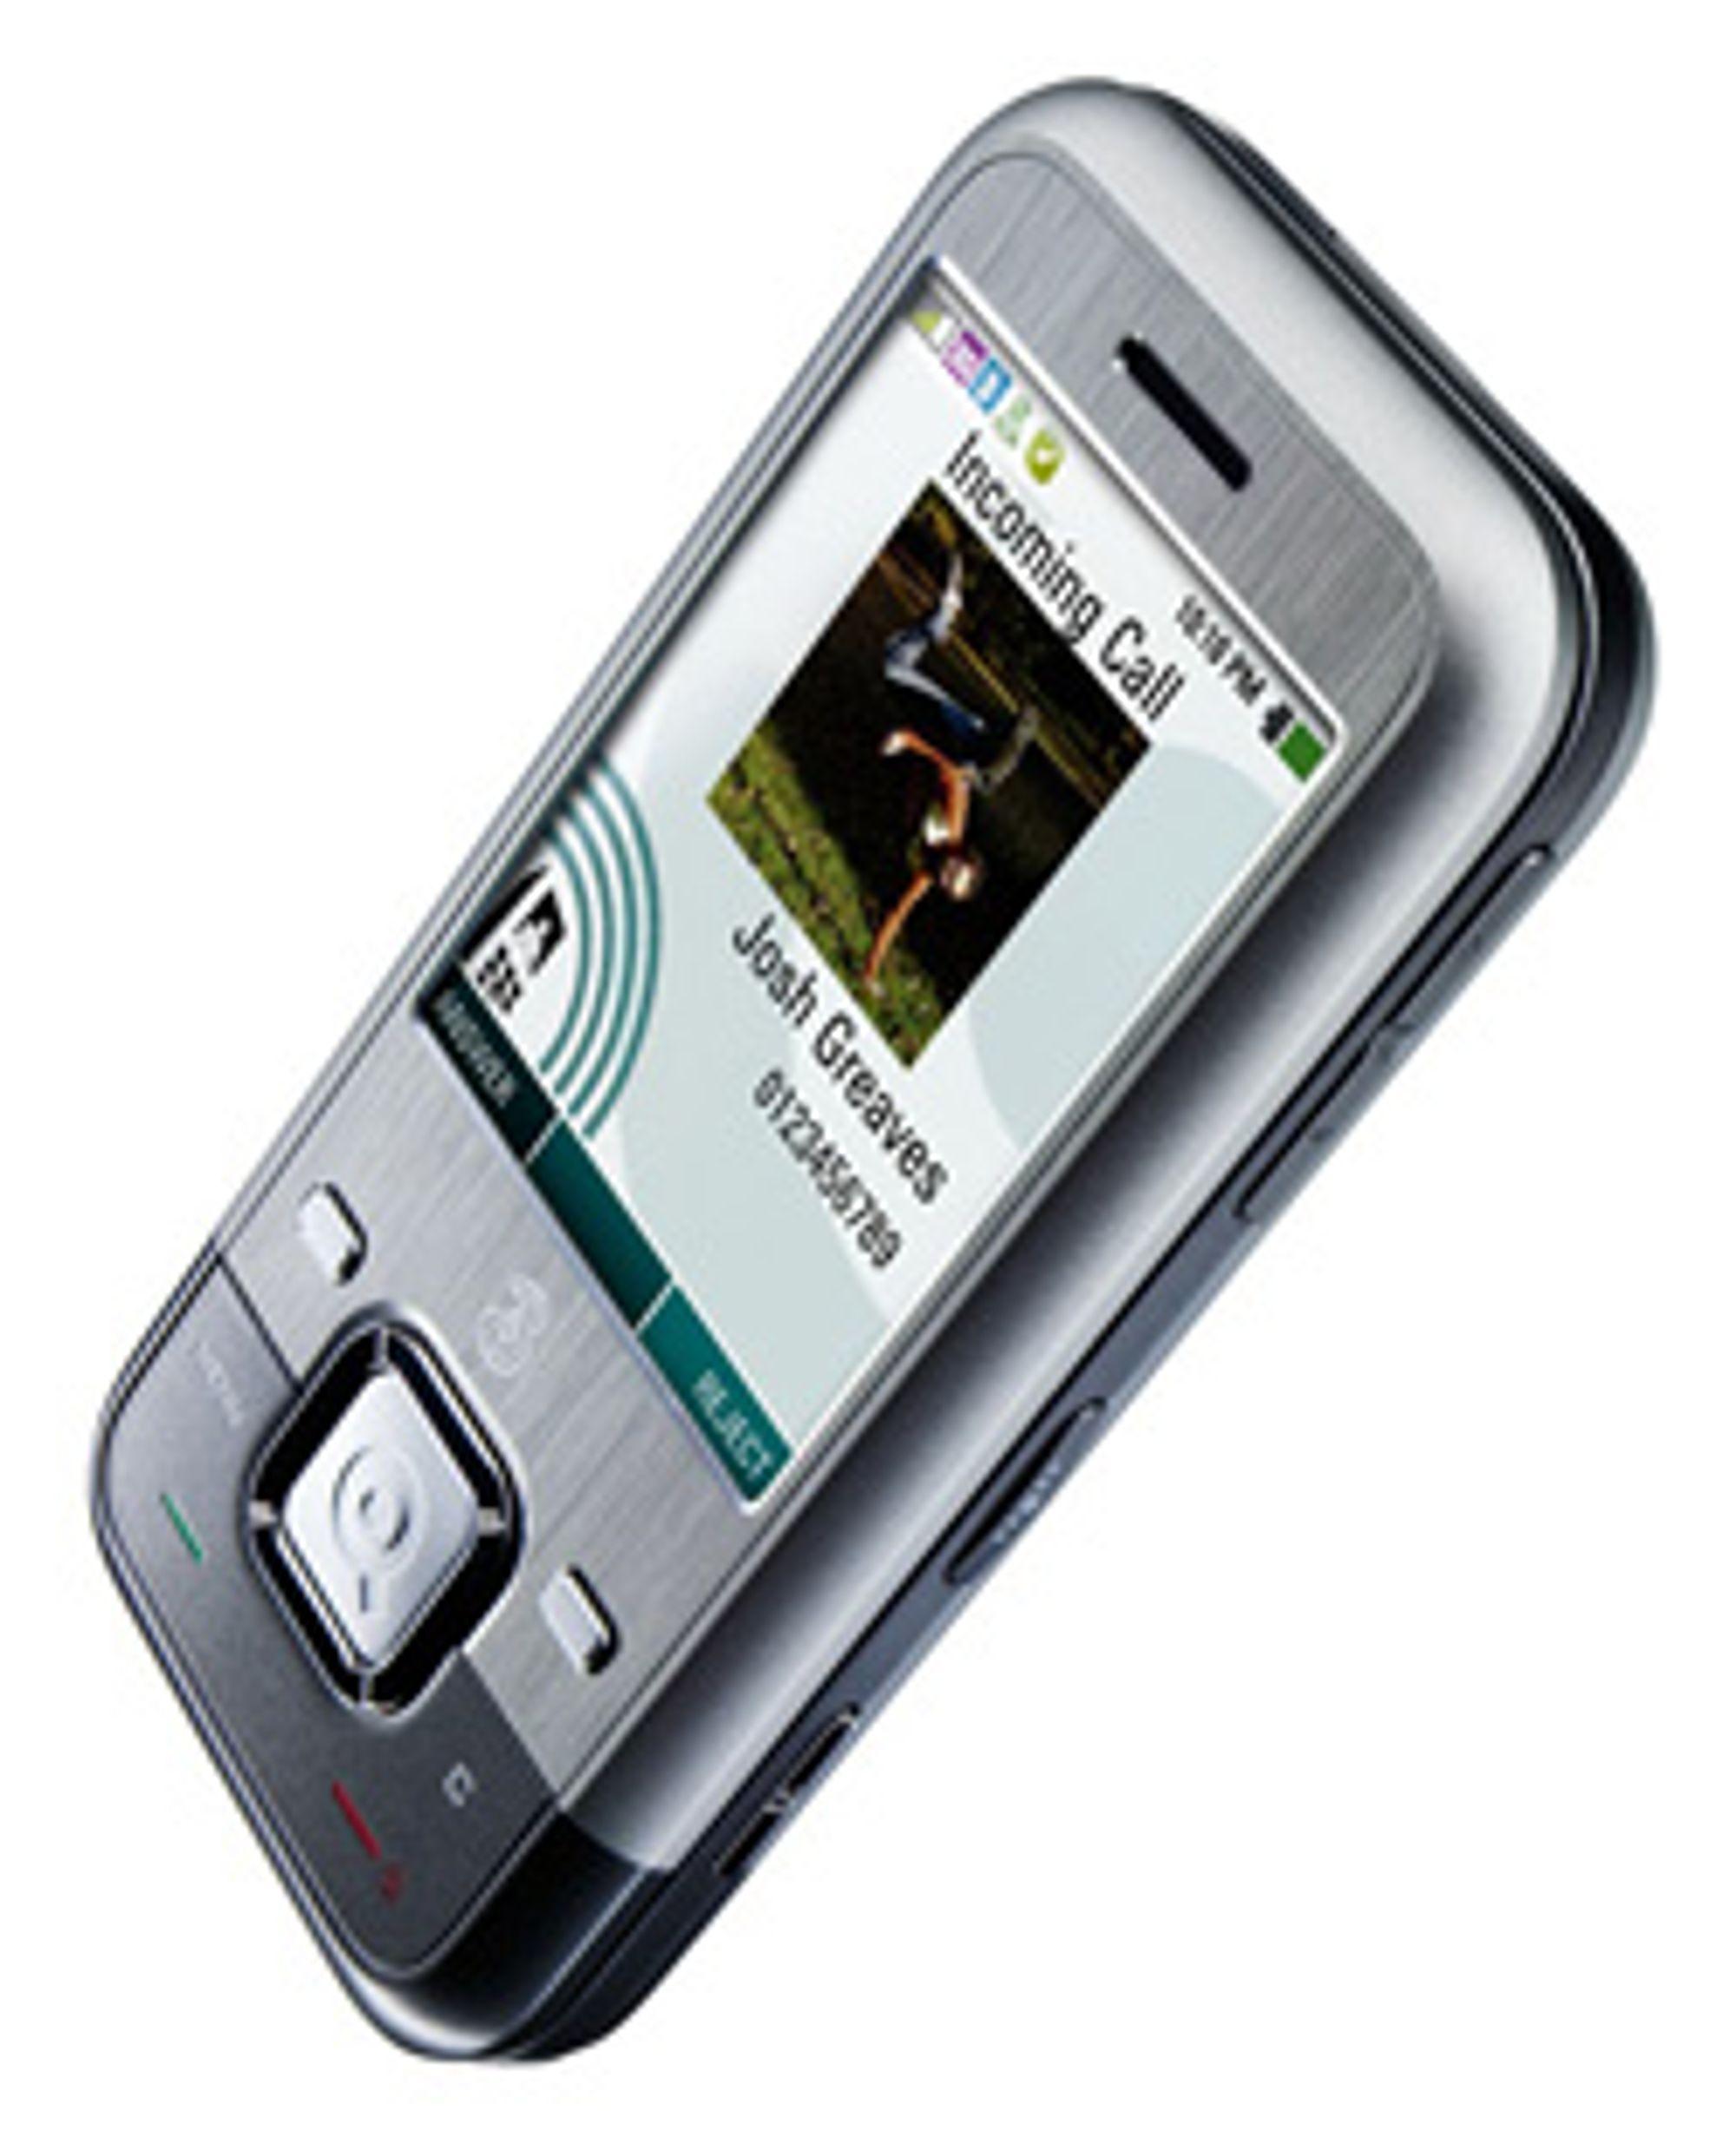 GSMA kåret INQ1 til årets beste mobiltelefon. (Bilde: INQ)